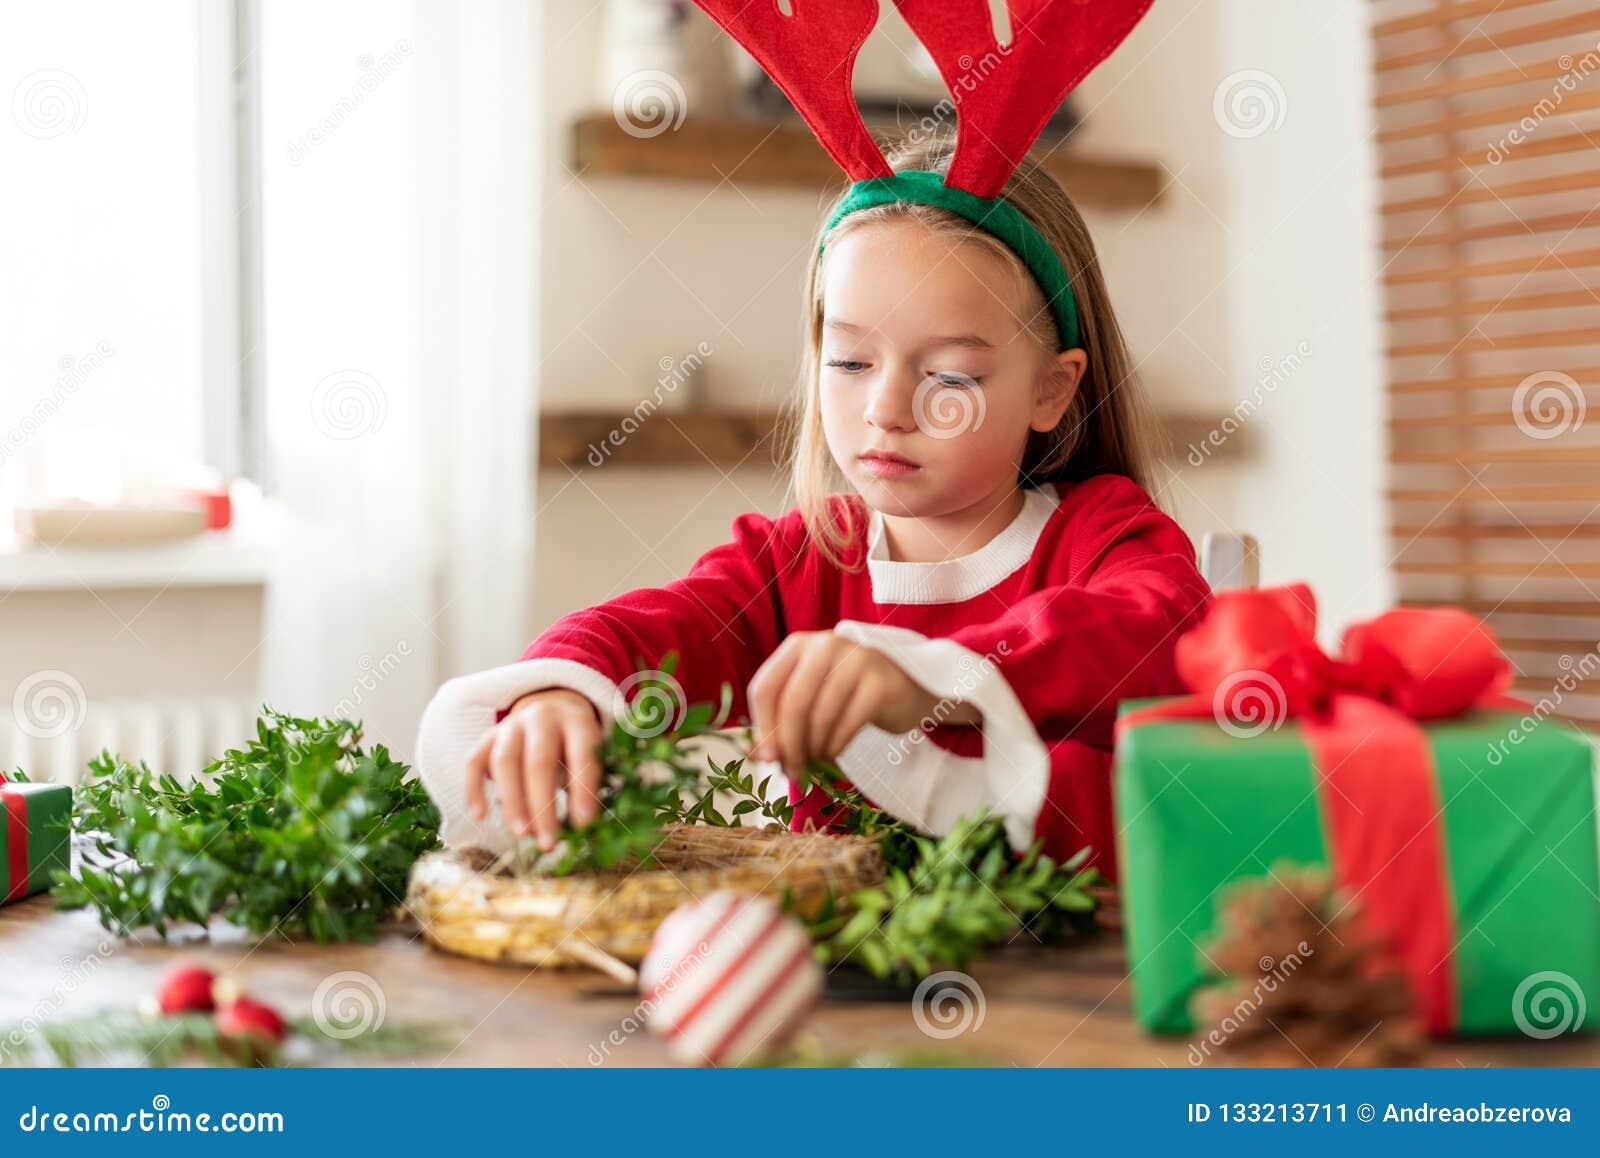 Śliczna preschooler dziewczyna jest ubranym reniferowych poroże robi boże narodzenie wiankowi w żywym pokoju ubierał w reniferowy